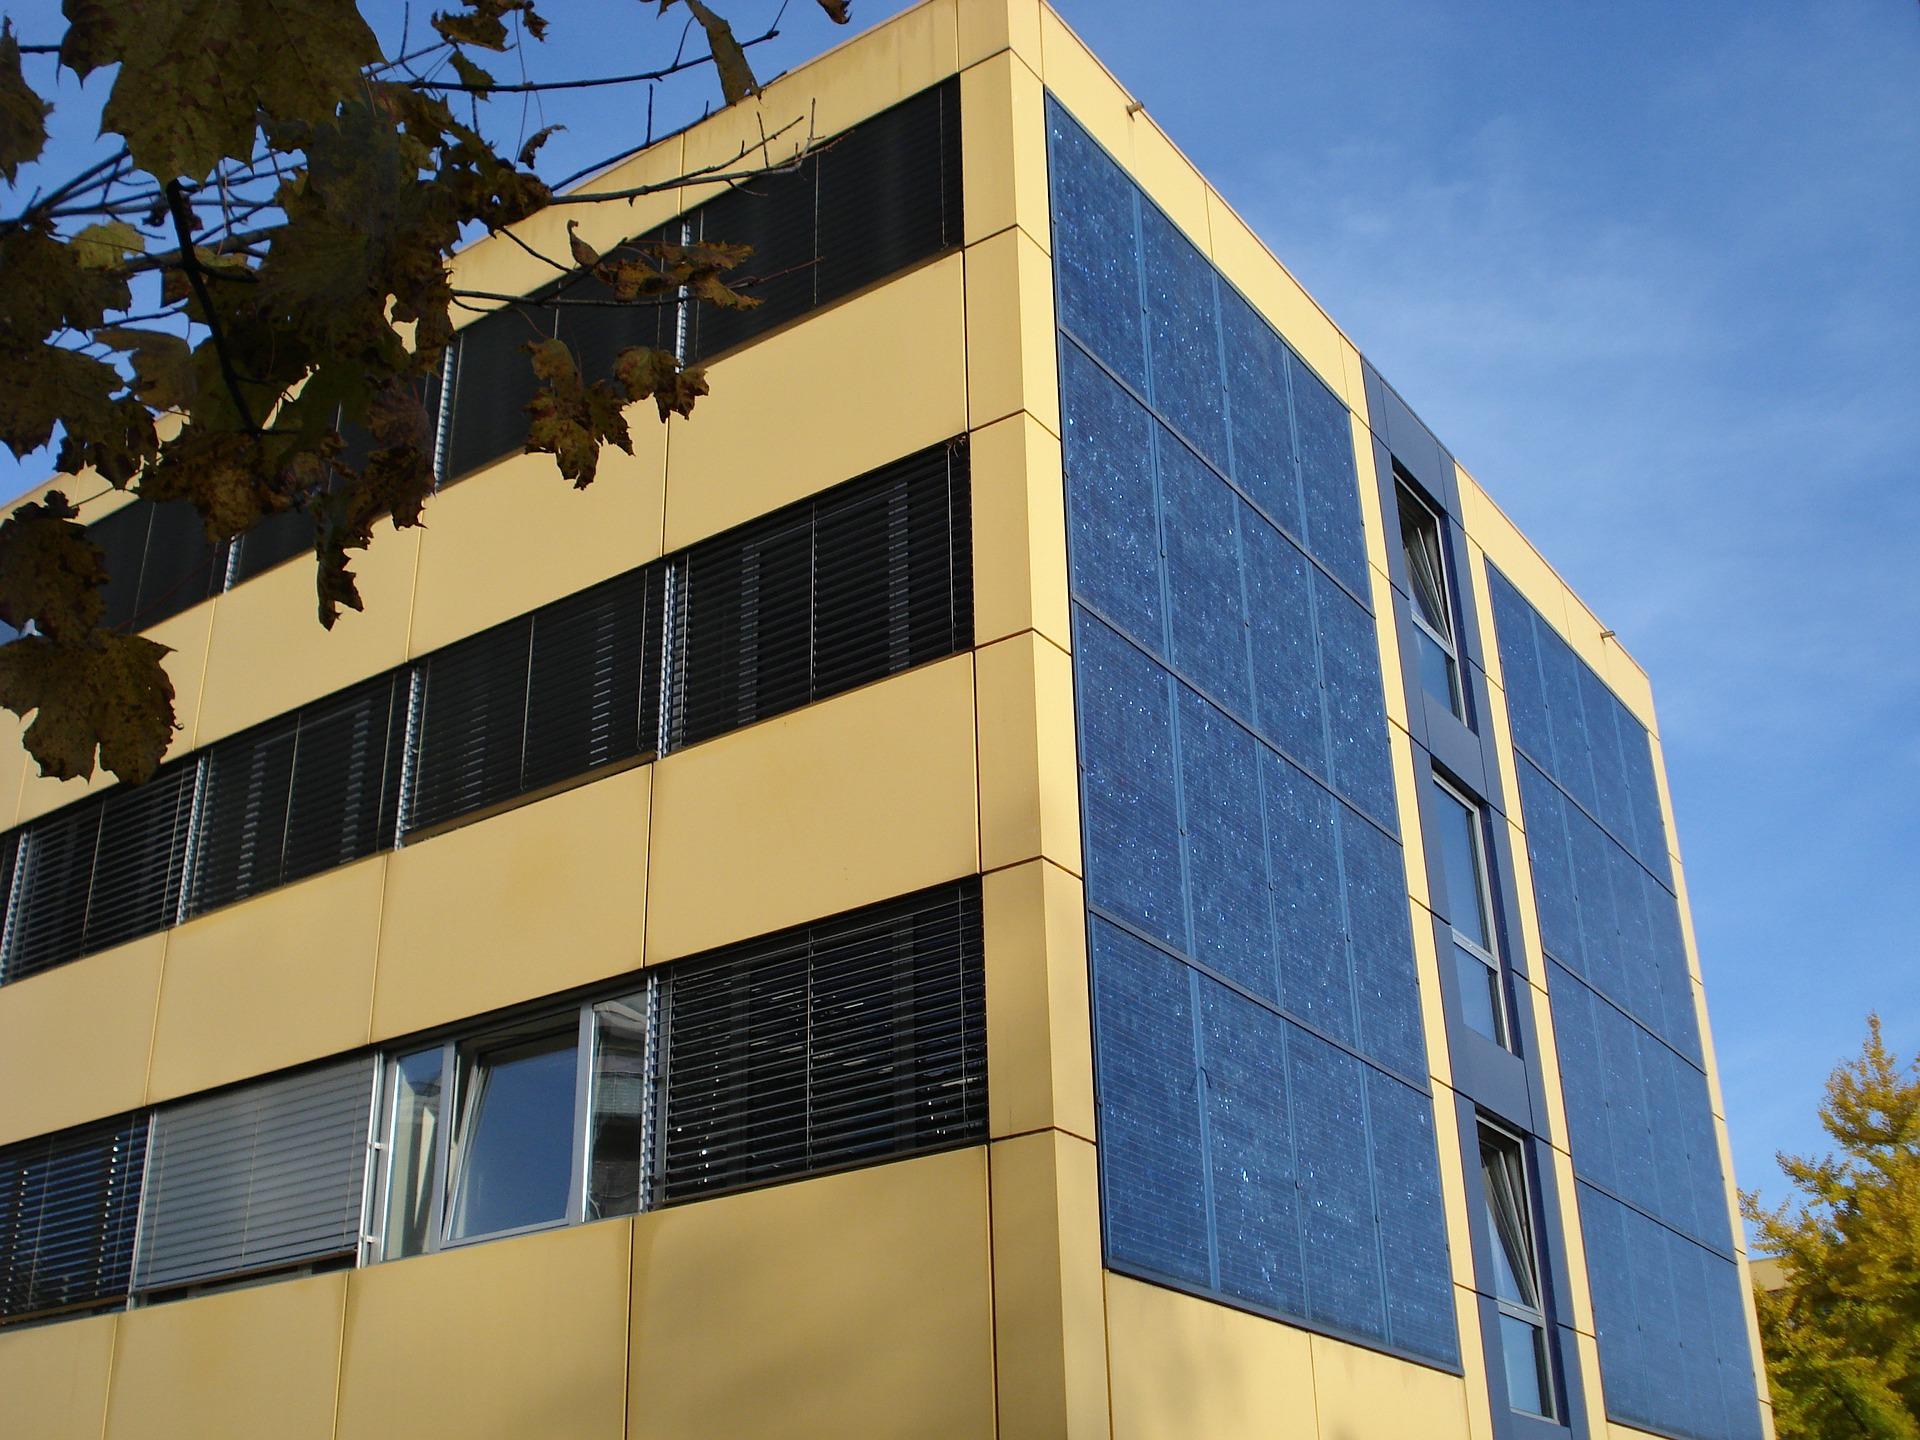 facade-523876_1920.jpg